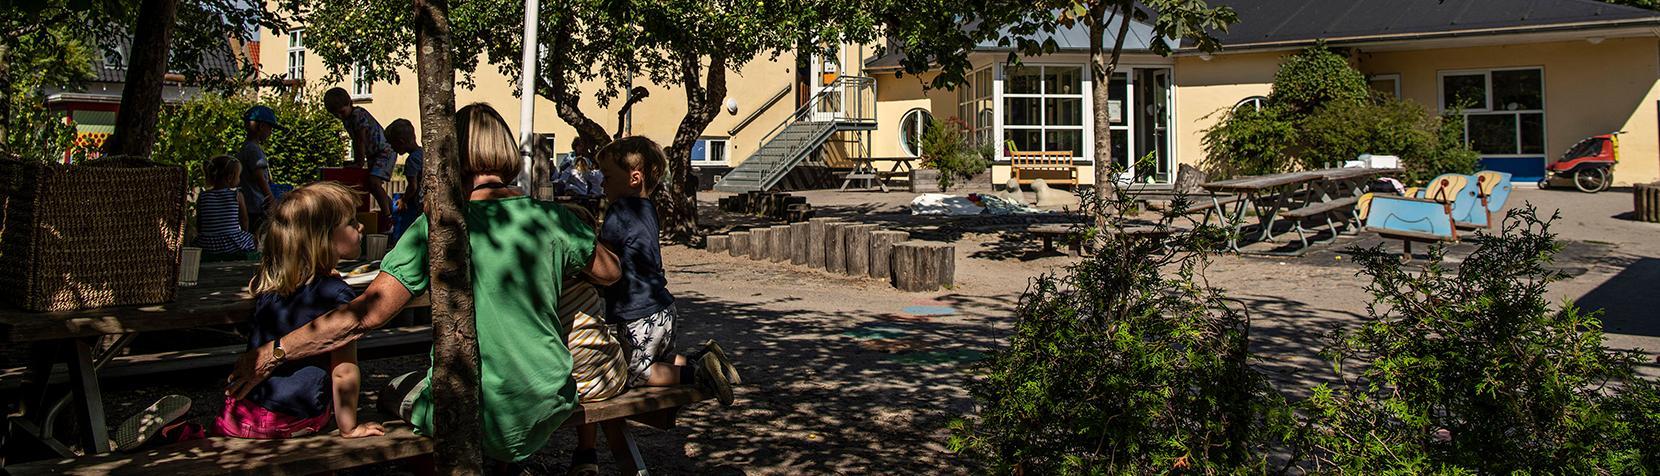 Børn sidder ved bord foran Børnehuset Abildgården